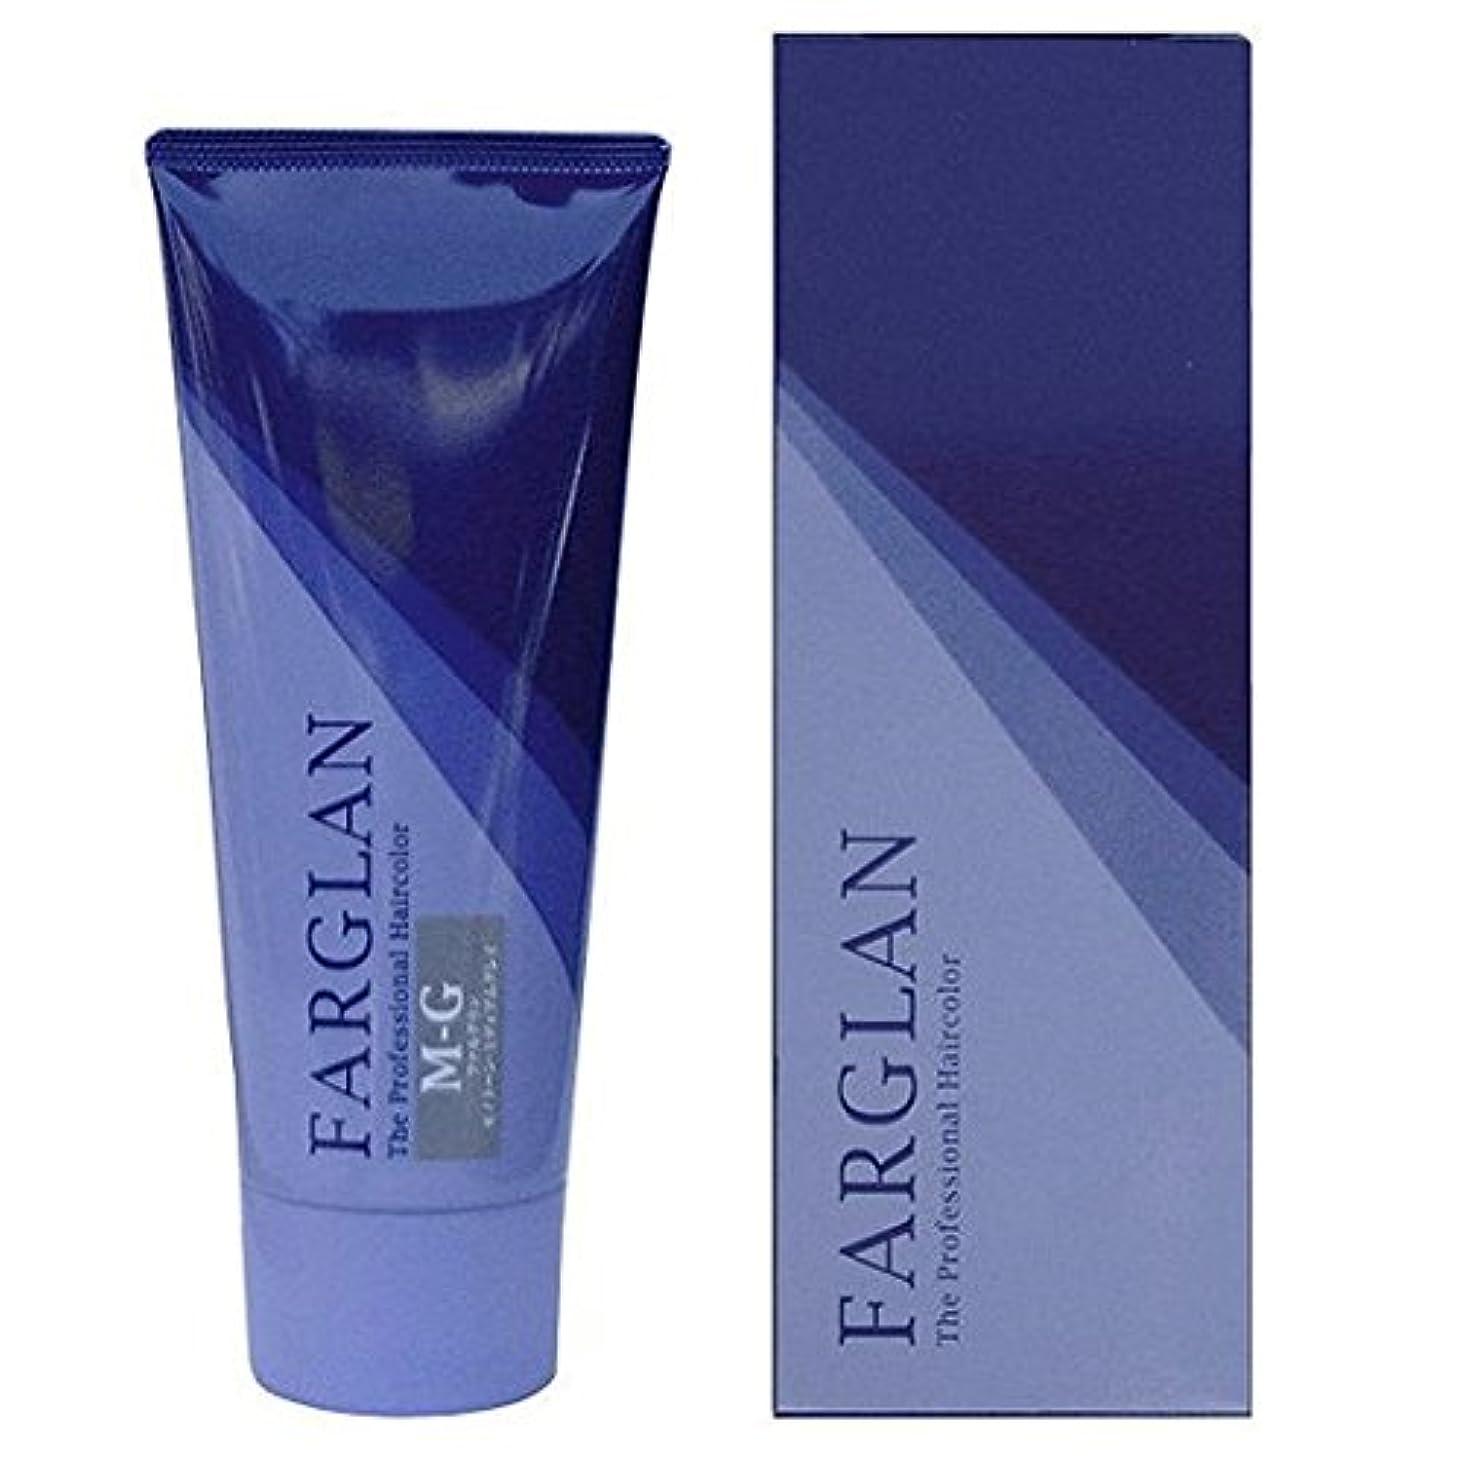 毎日大気化石FARGLAN(ファルグラン) ヘアカラー P-A(Pale-Ahs) 160g